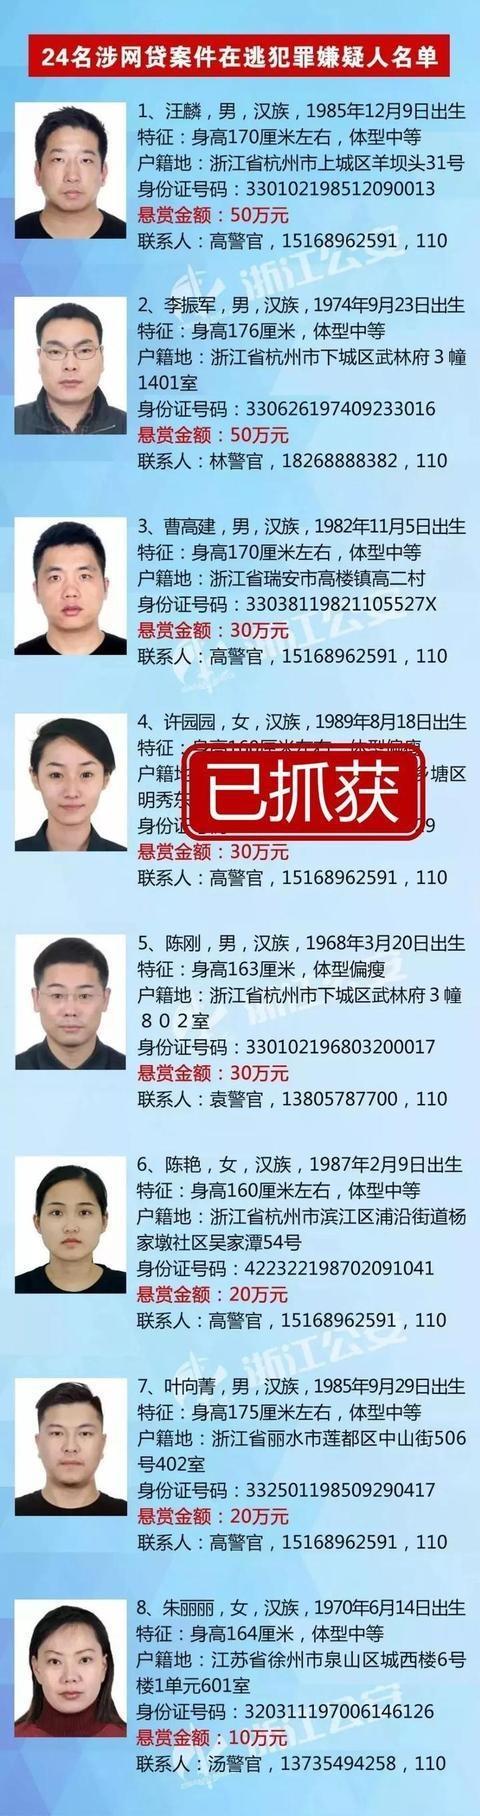 又一名悬赏通缉犯落网 24名悬赏通缉犯已逮捕4人2